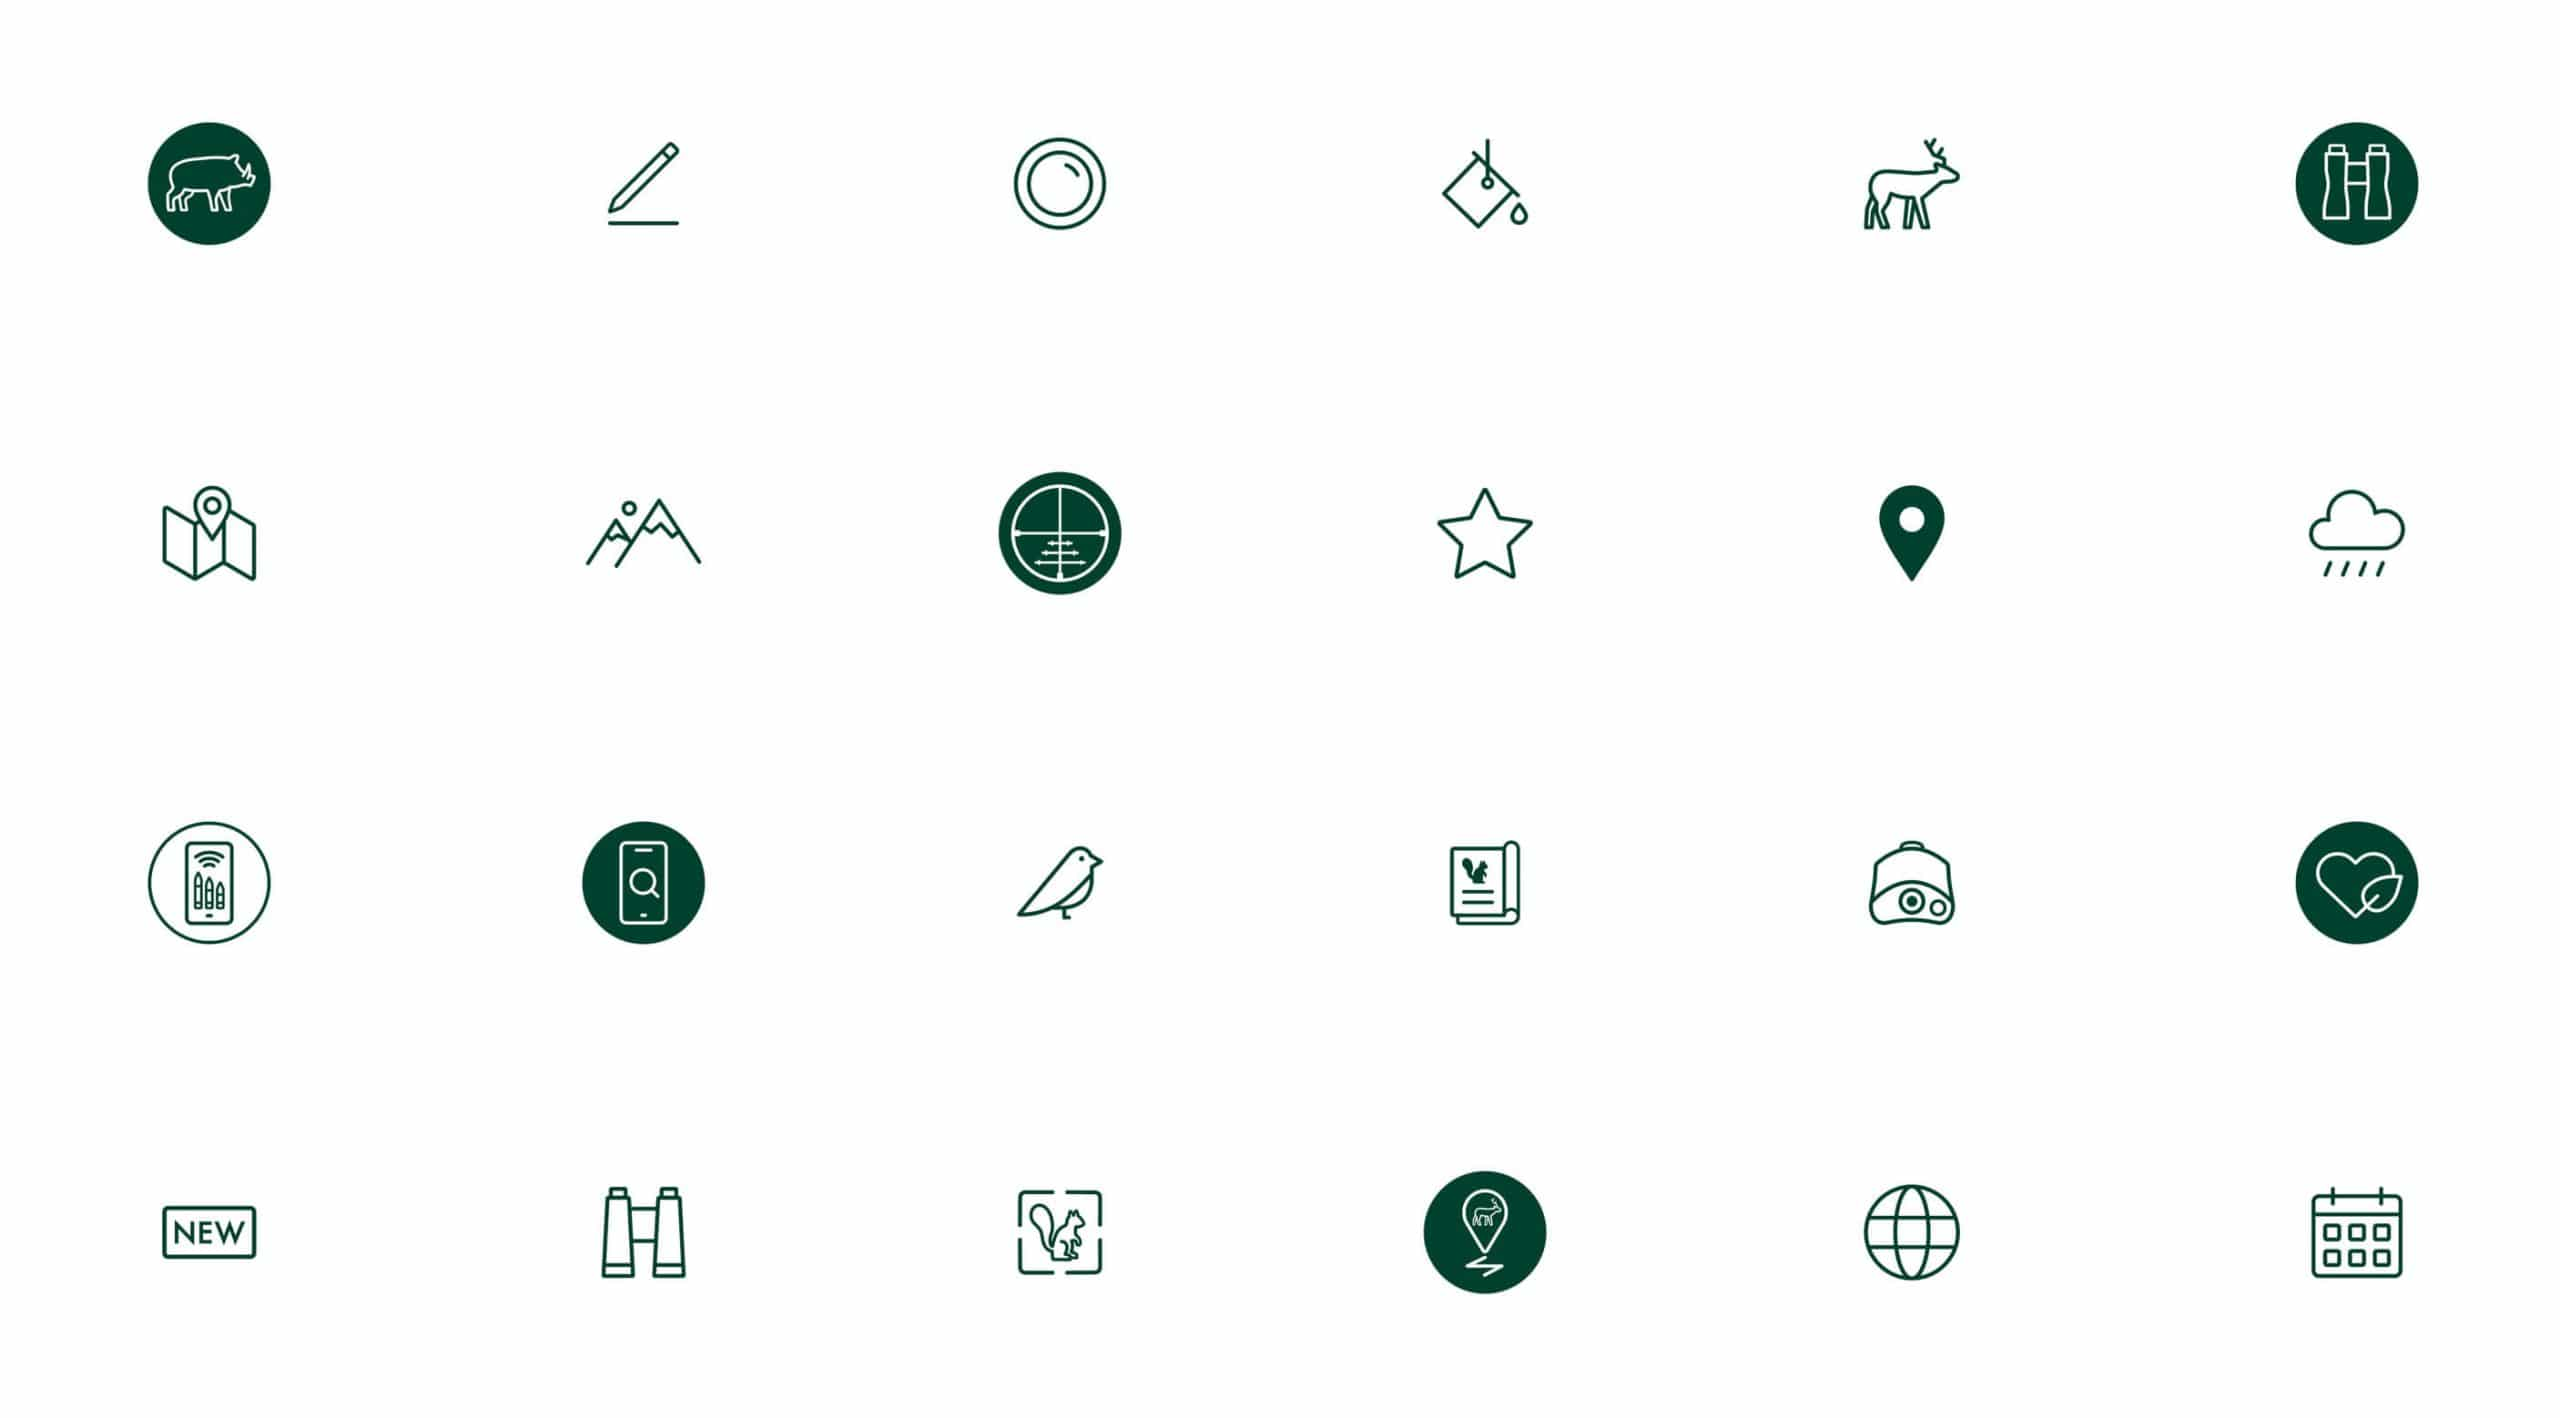 Branding Design Identity Icons